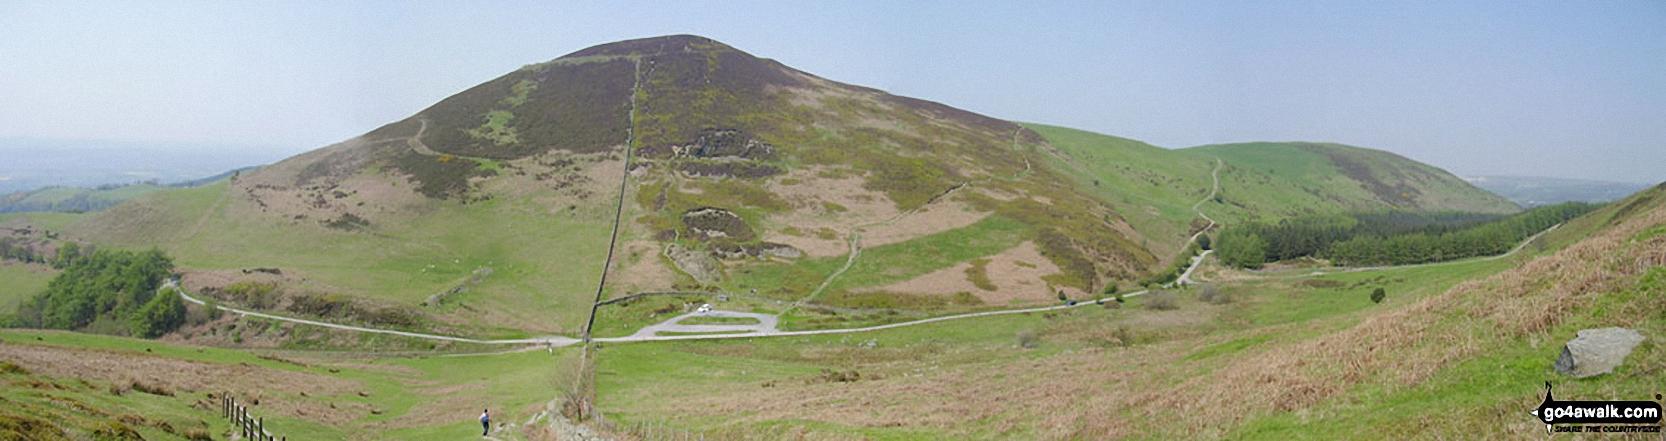 Walk dn112 Moel Famau and Moel Dywyll from Moel Famau Country Park - Moel Arthur from the summit of Moel Llys-y-coed<br> on The Offa's Dyke Path